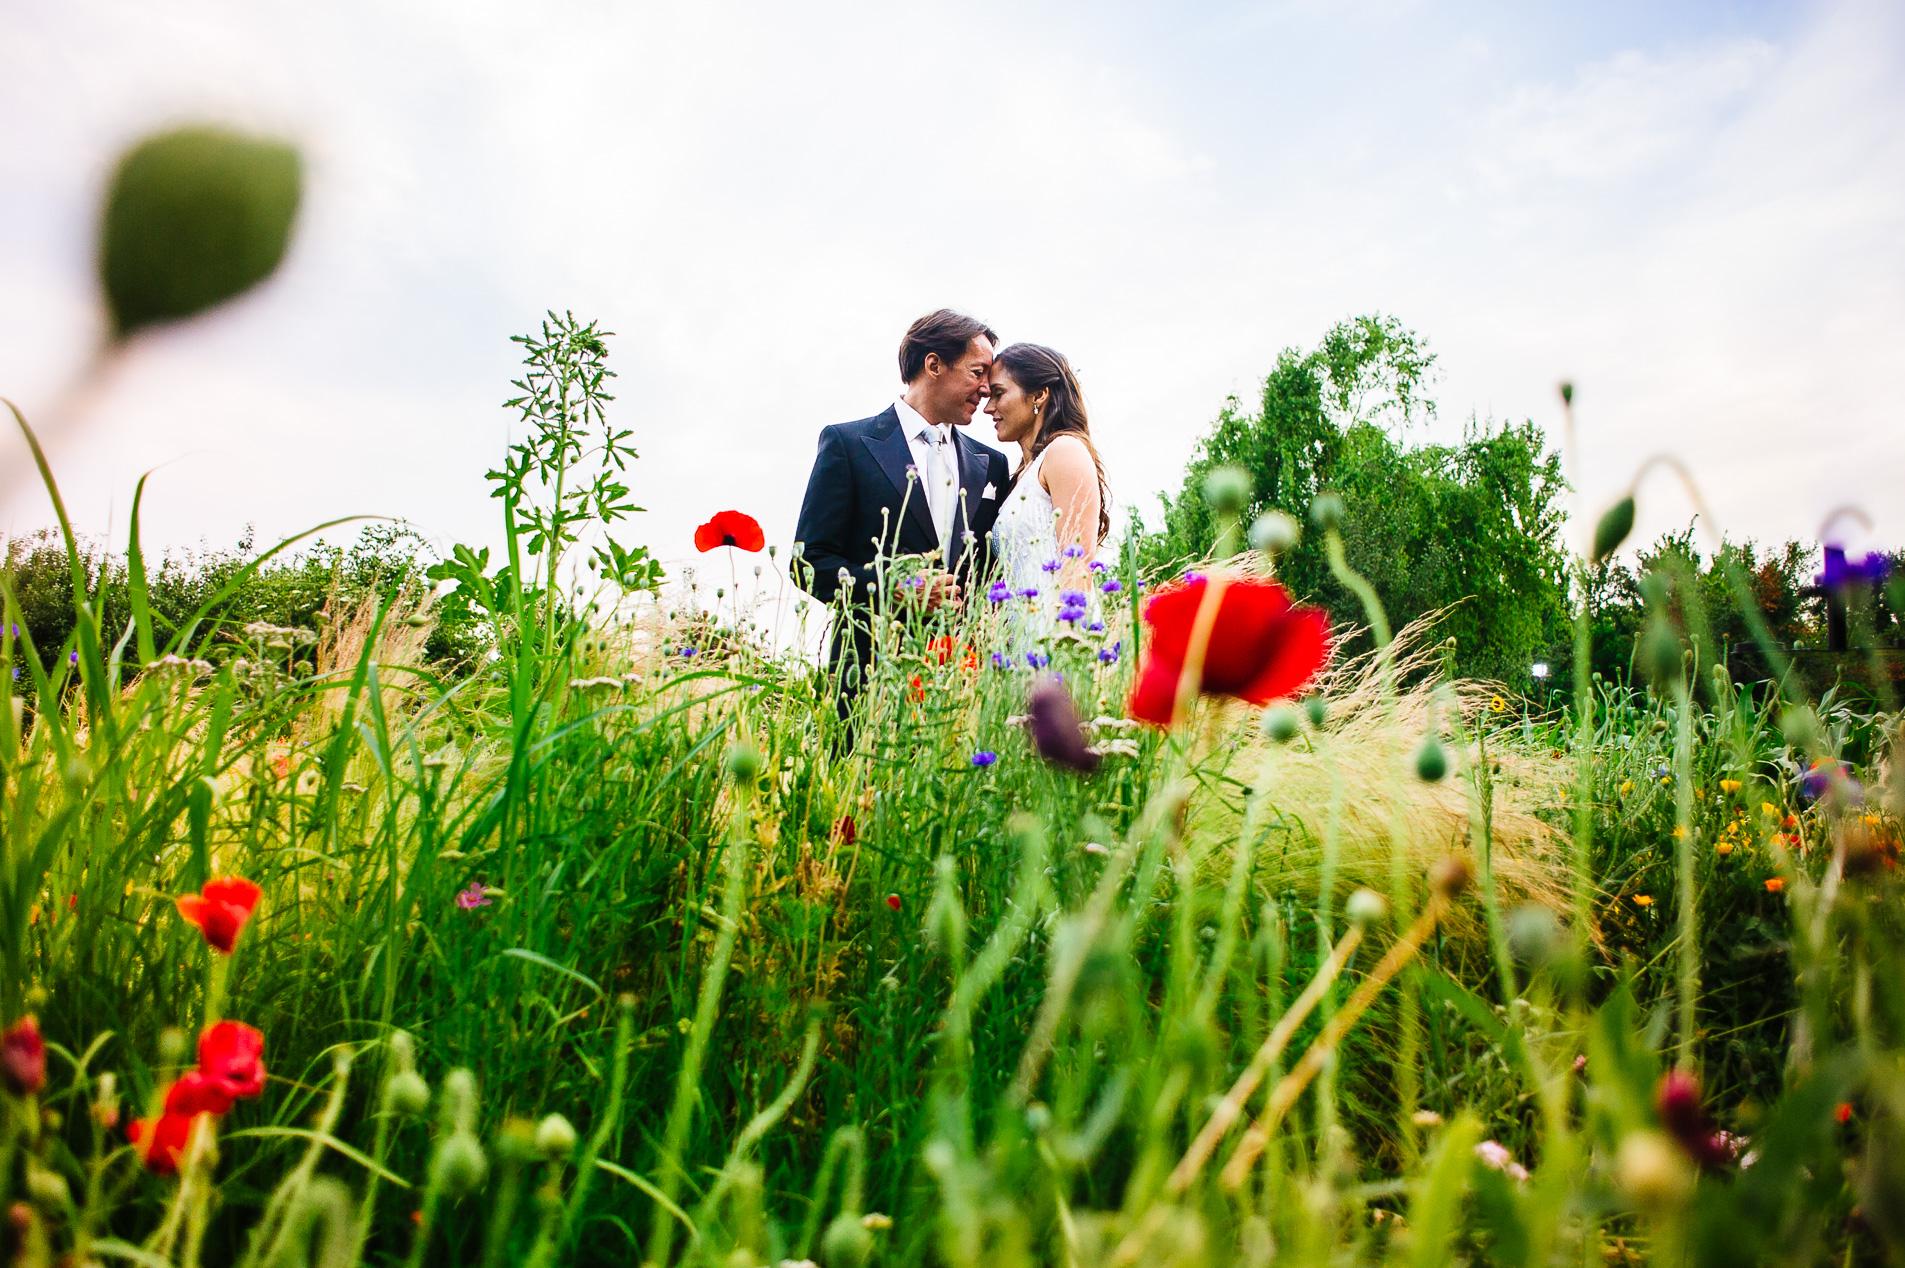 matrimonio-casona-reina-sur-28